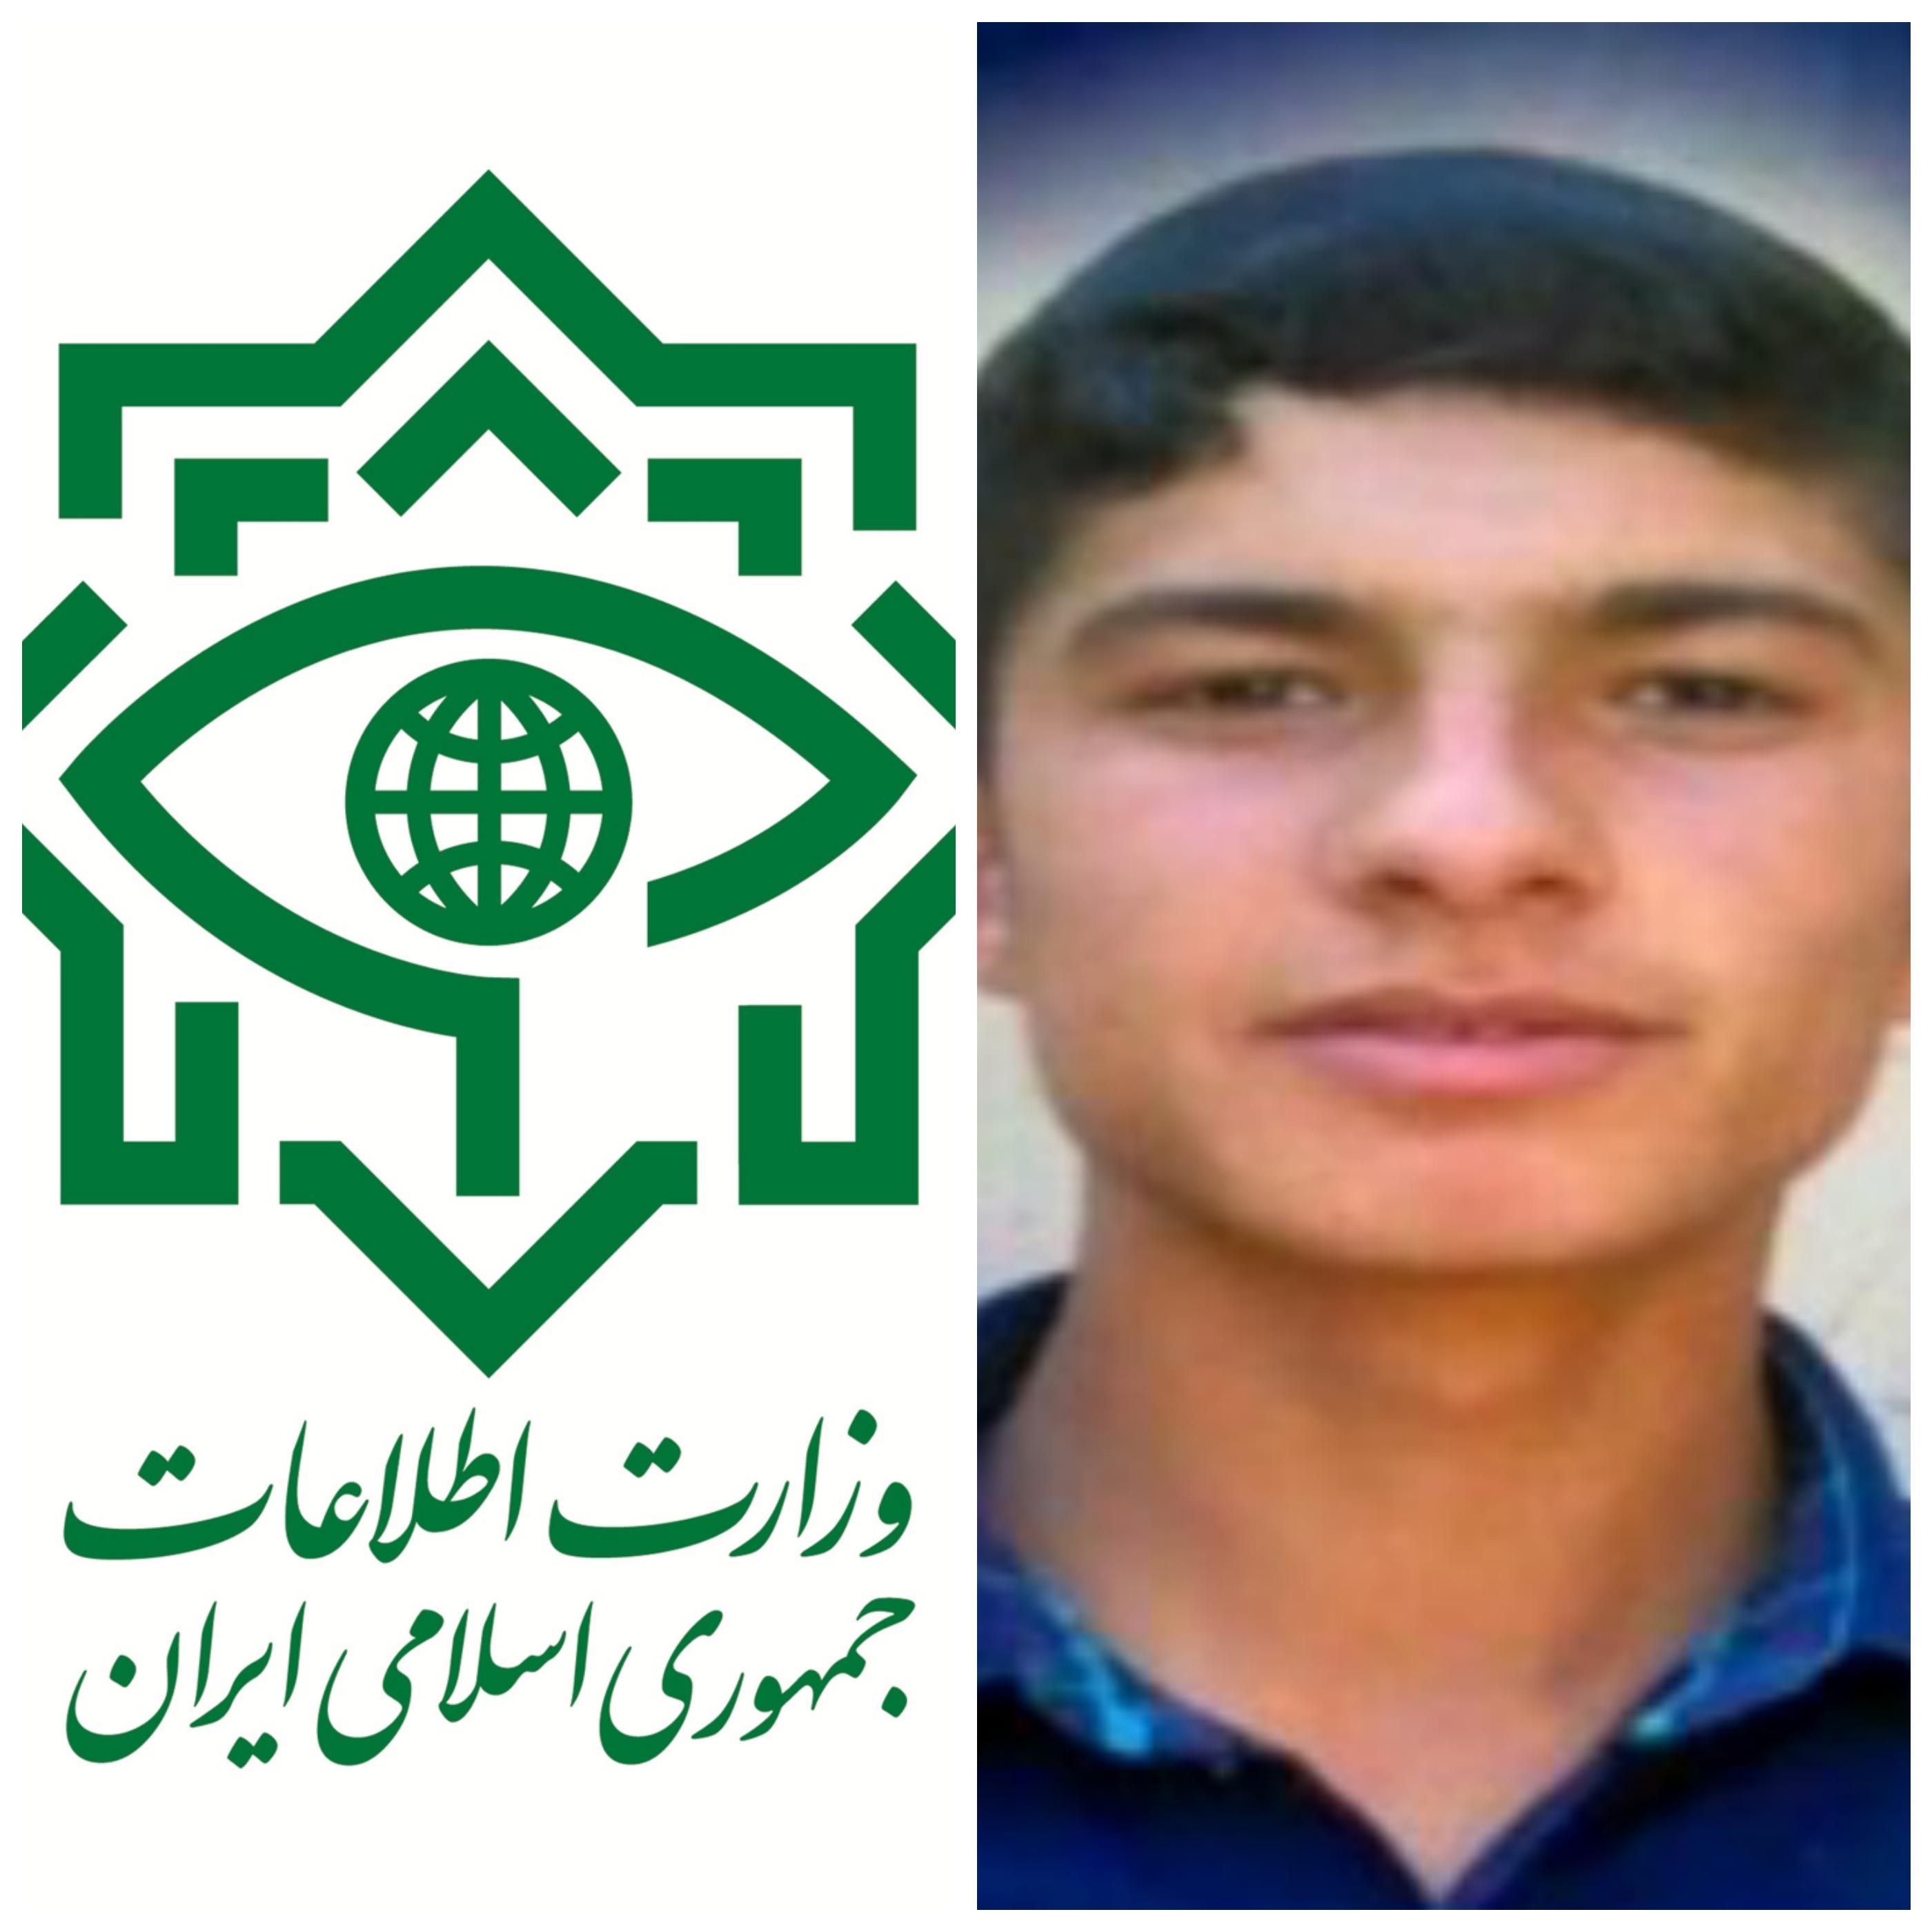 پس از گذشت یک سال؛ بی خبری از سرنوشت یک جوان عرب زبان